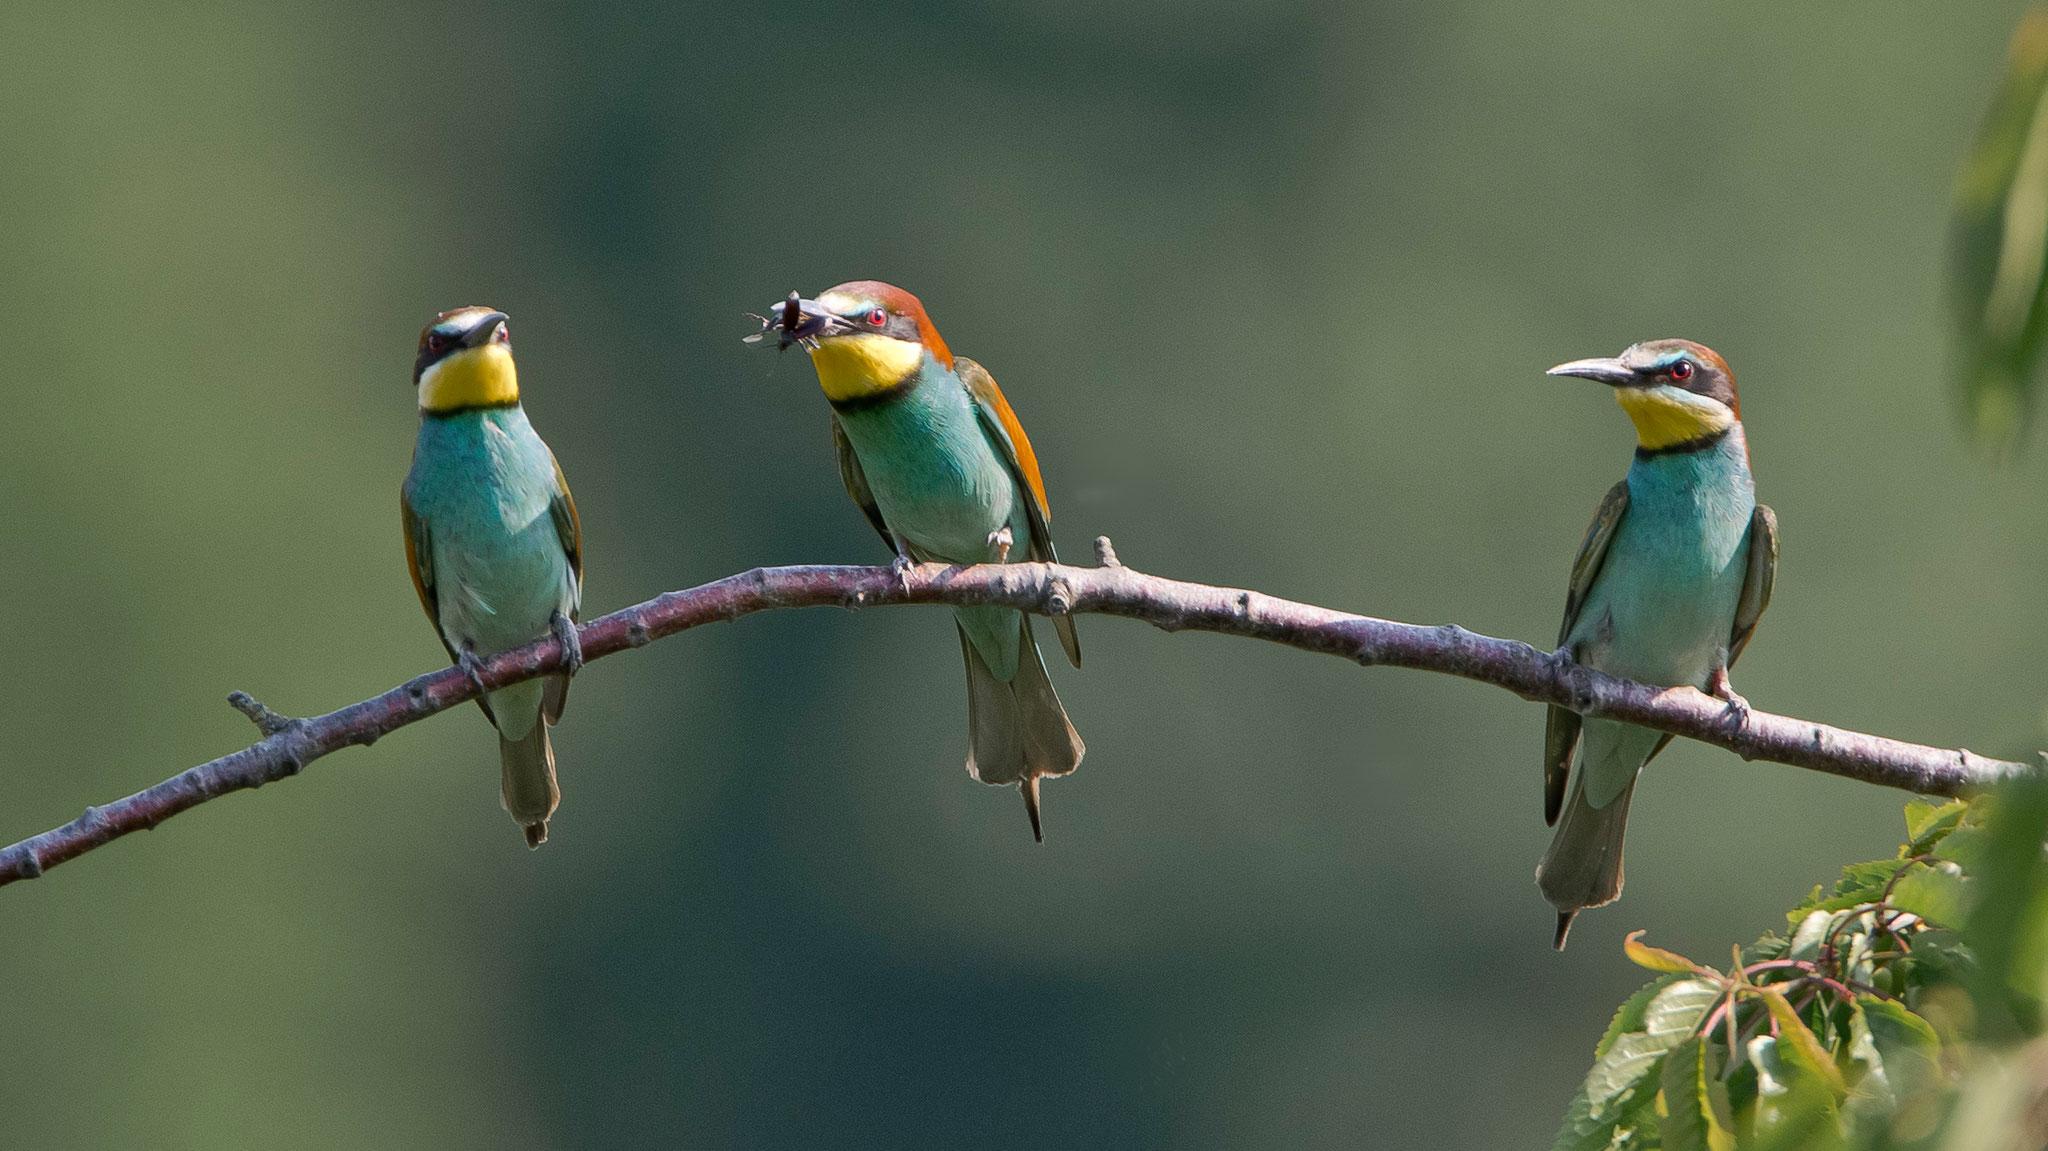 Ein zweites Weibchen (rechts) ist offenbar auch an dem Geschenk interessiert